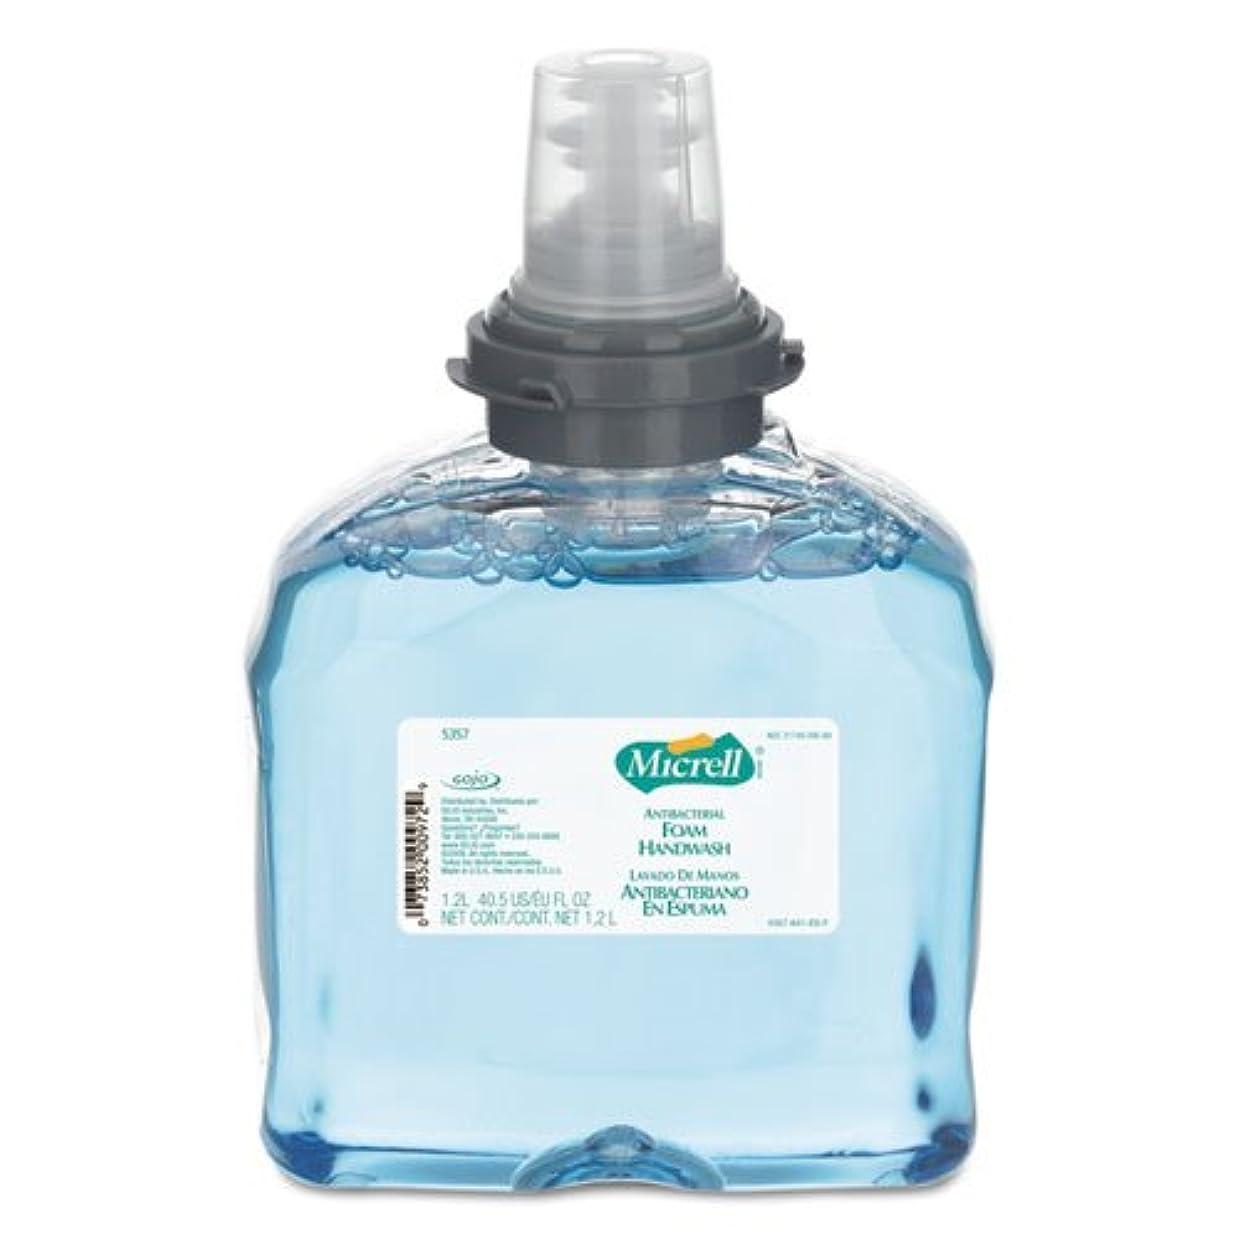 何でもファブリック発表するMICRELL抗菌Foam Handwash 5357-02